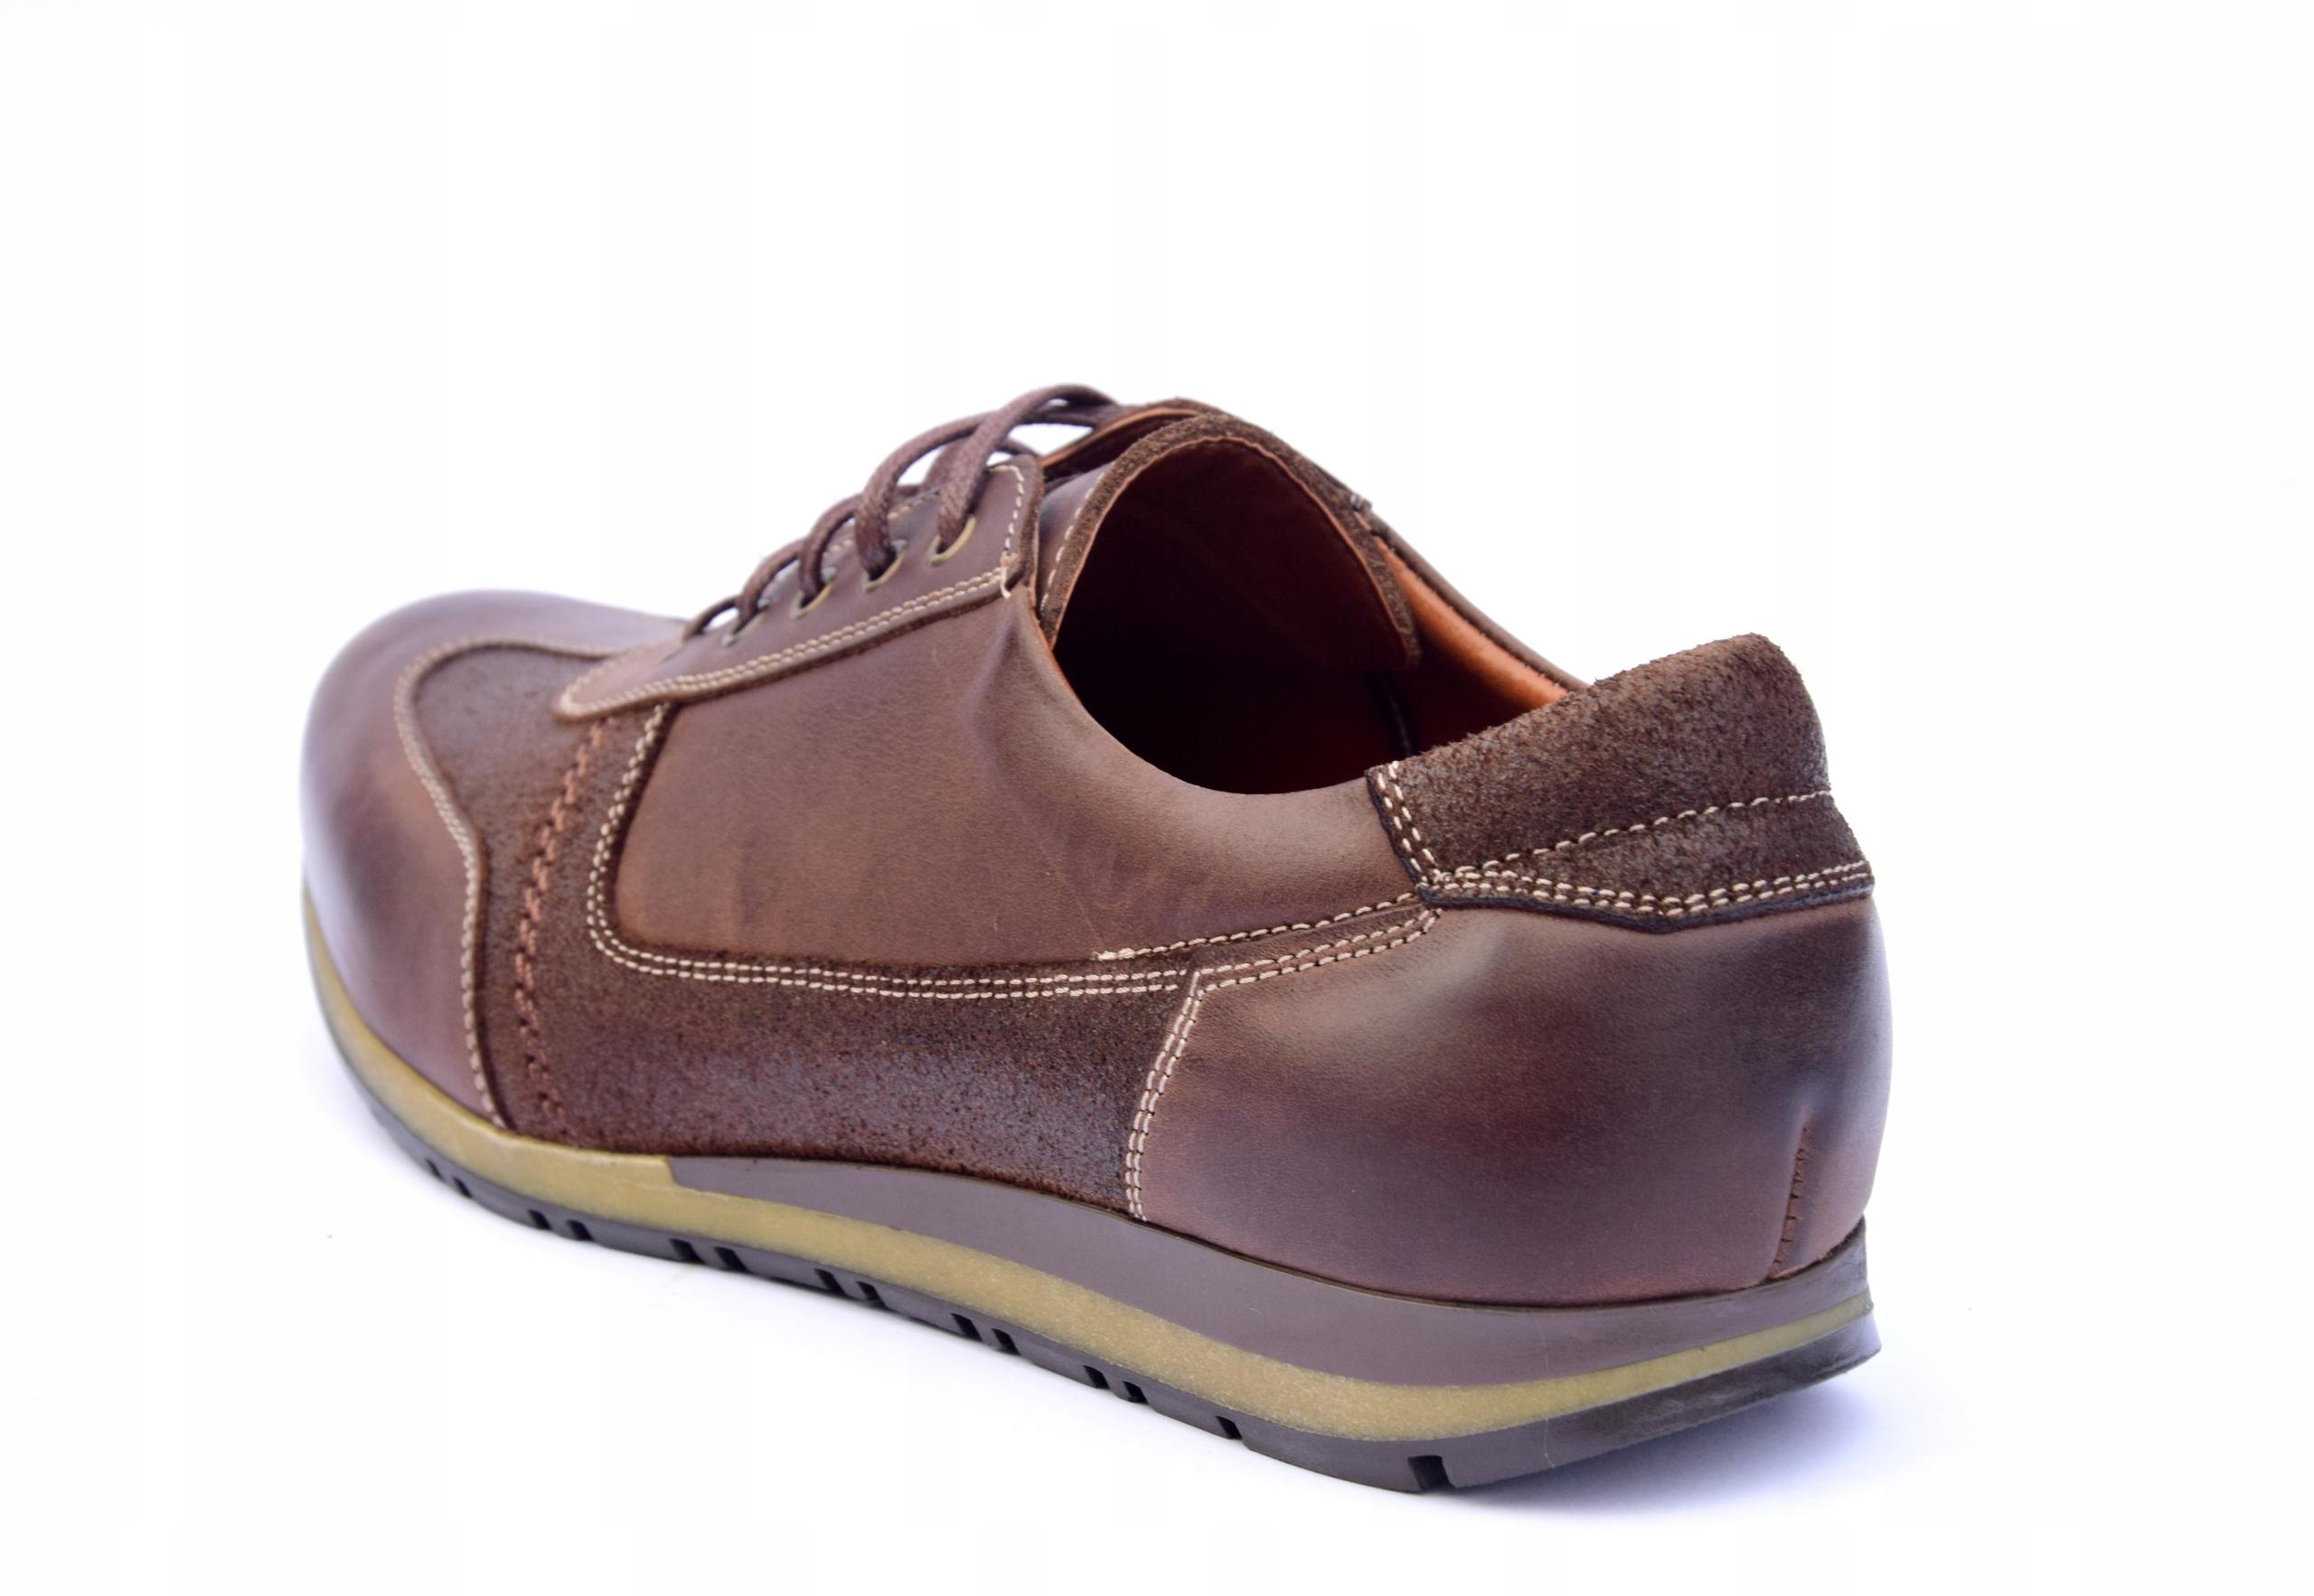 Półbuty skórzane brązowe obuwie ze skóry PL 294 Długość wkładki 29.5 cm